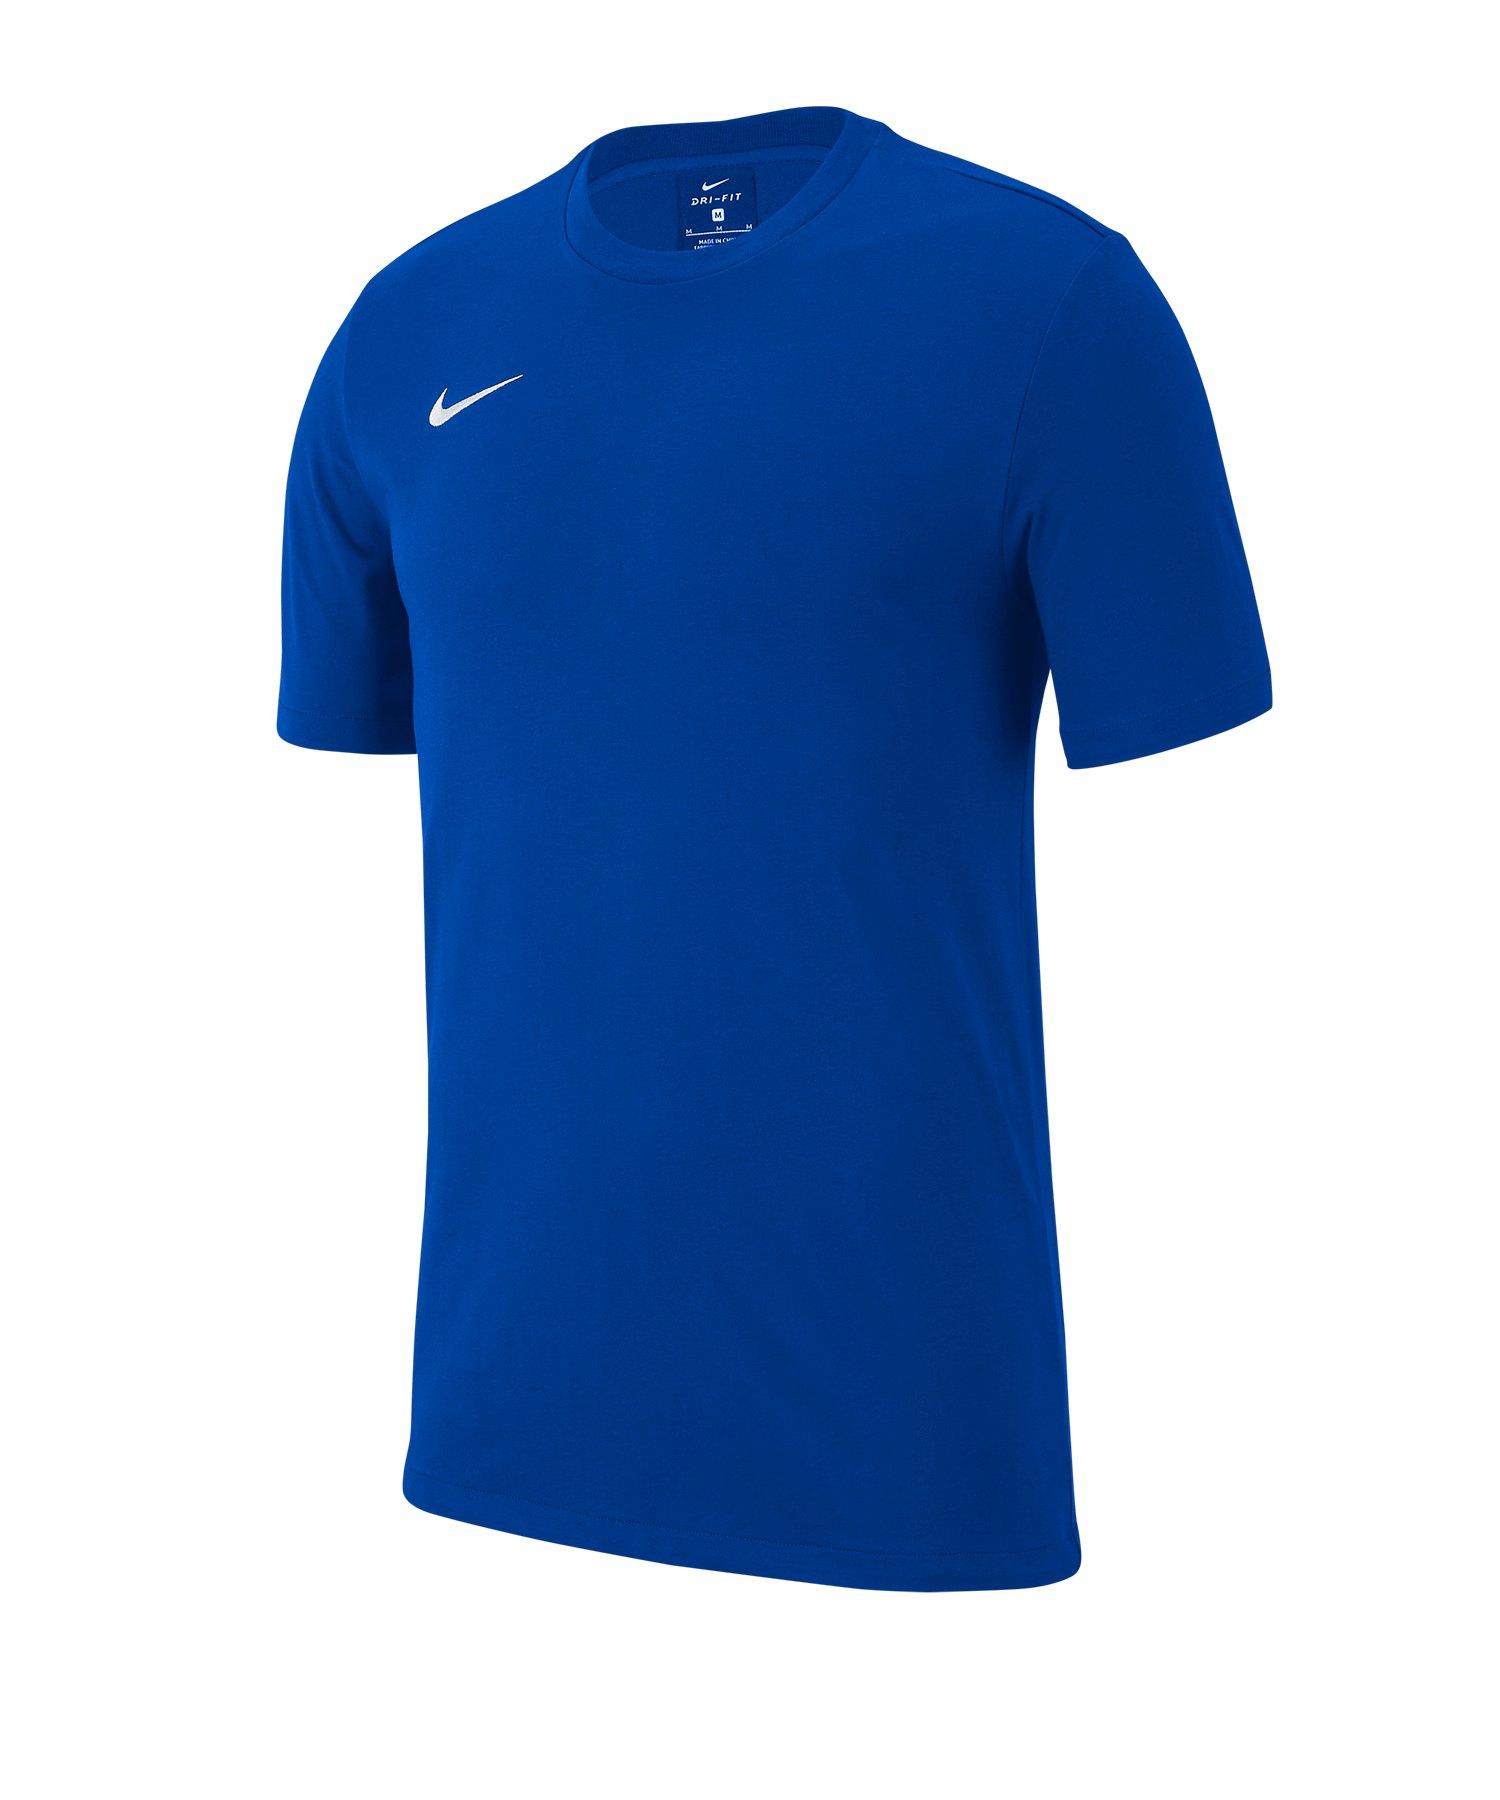 Nike Club 19 T-Shirt Kids Blau F463 - blau